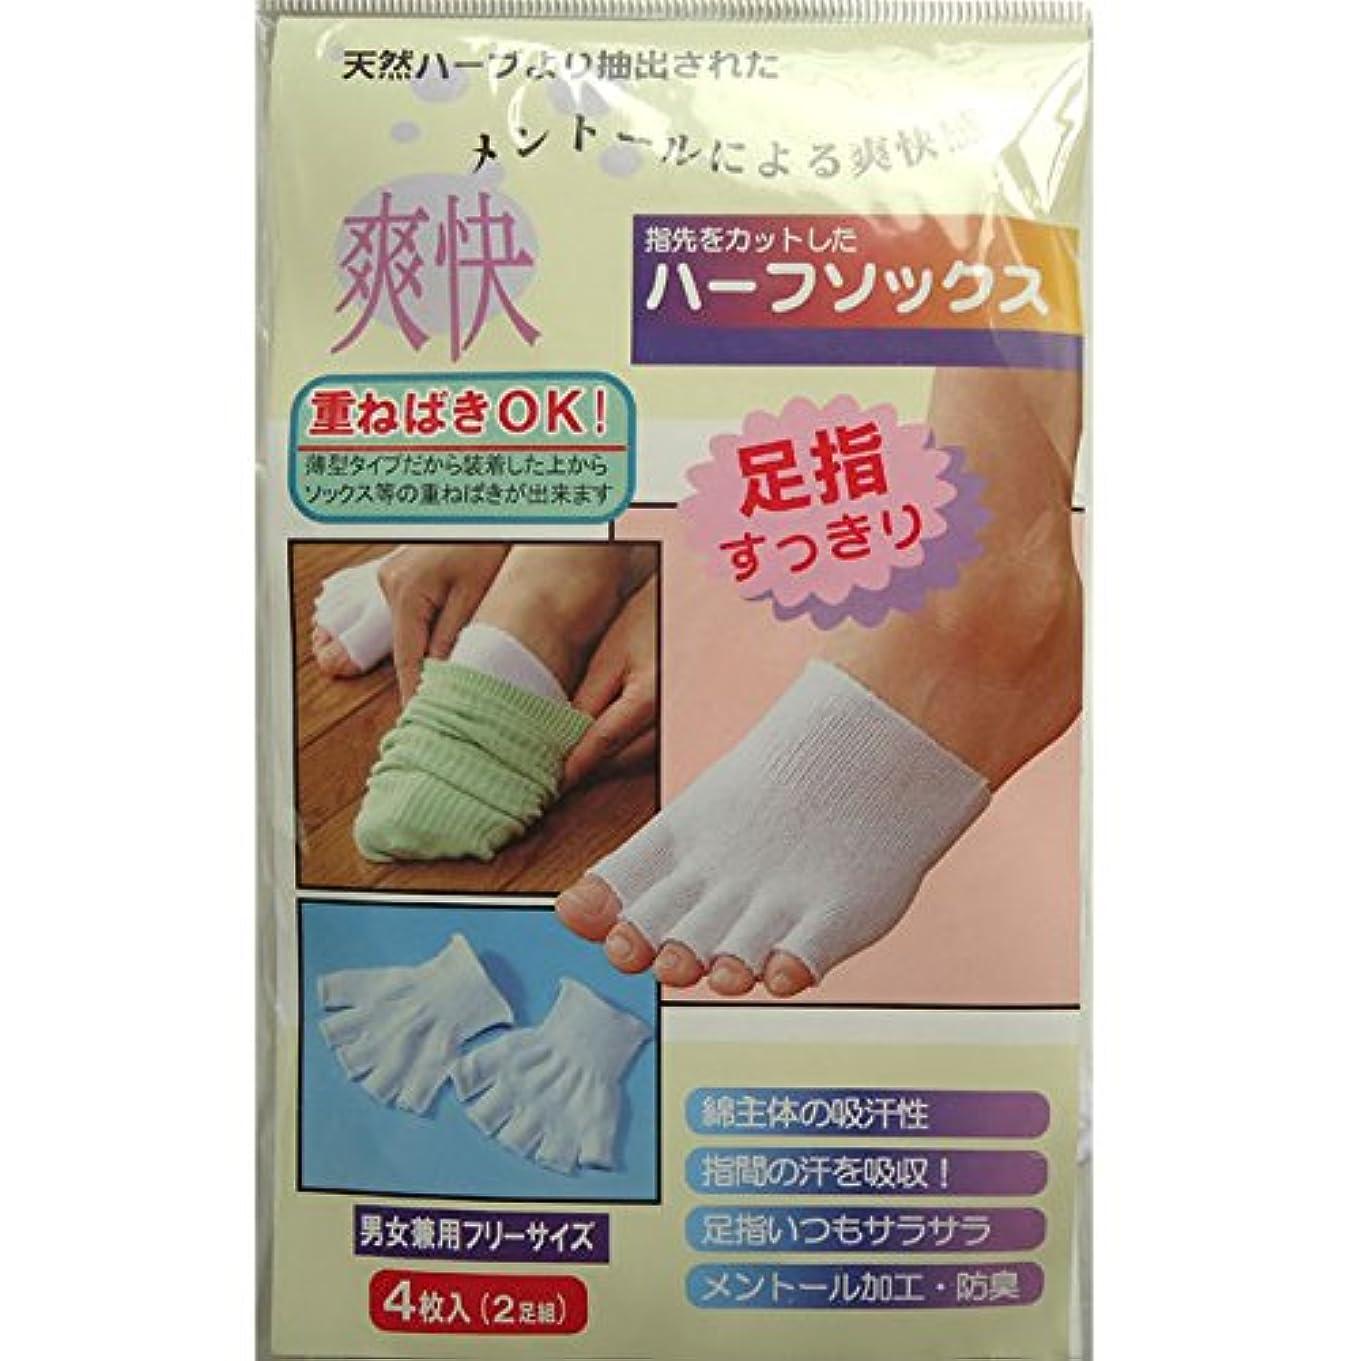 支配するホームレス正しく日本製 ハーフソックス 5本指 綿 抗菌防臭 メンズ レディースお買得2足組(ホワイト)